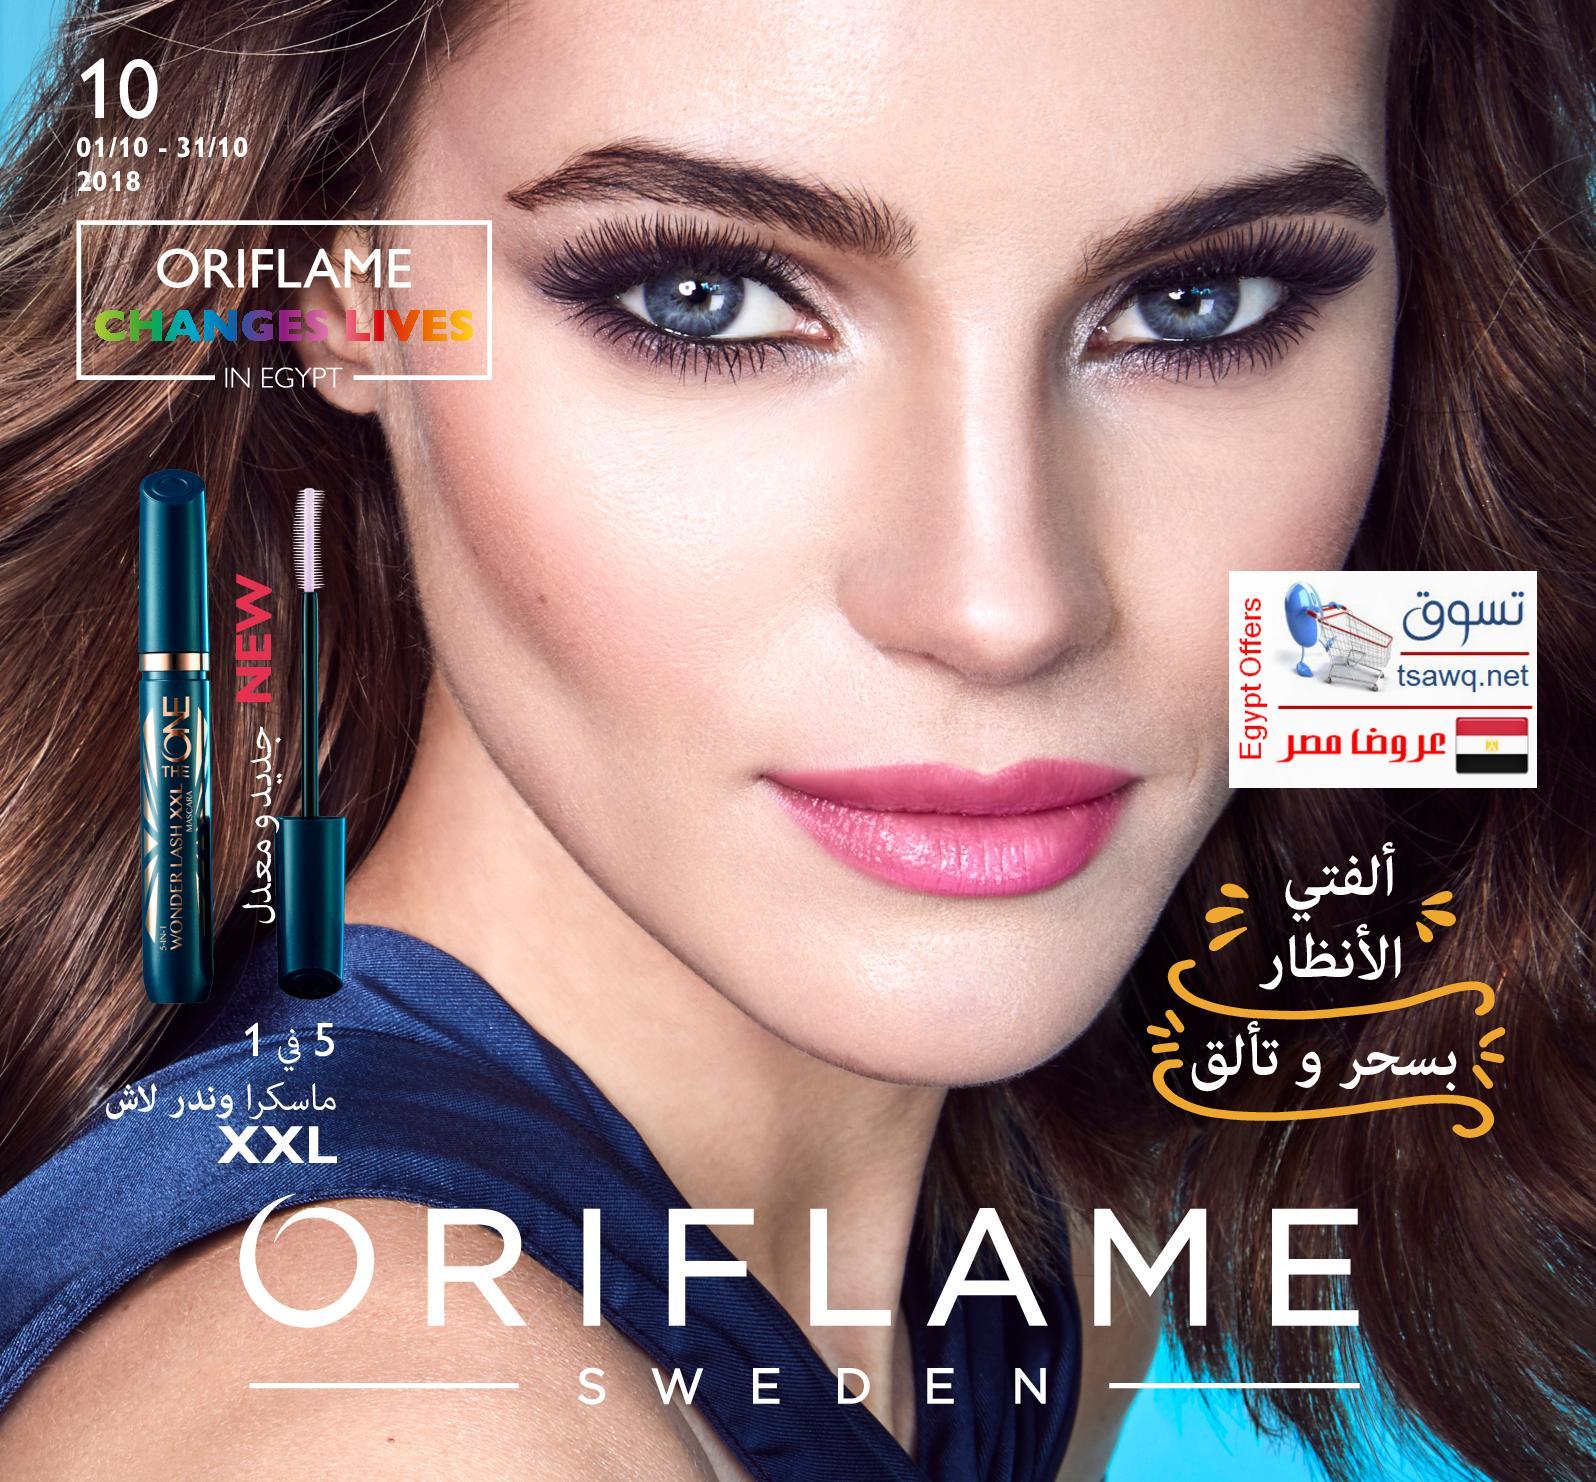 bb0006593 Calaméo - Tsawq Net Oriflame Brochure Egypt 10 2018